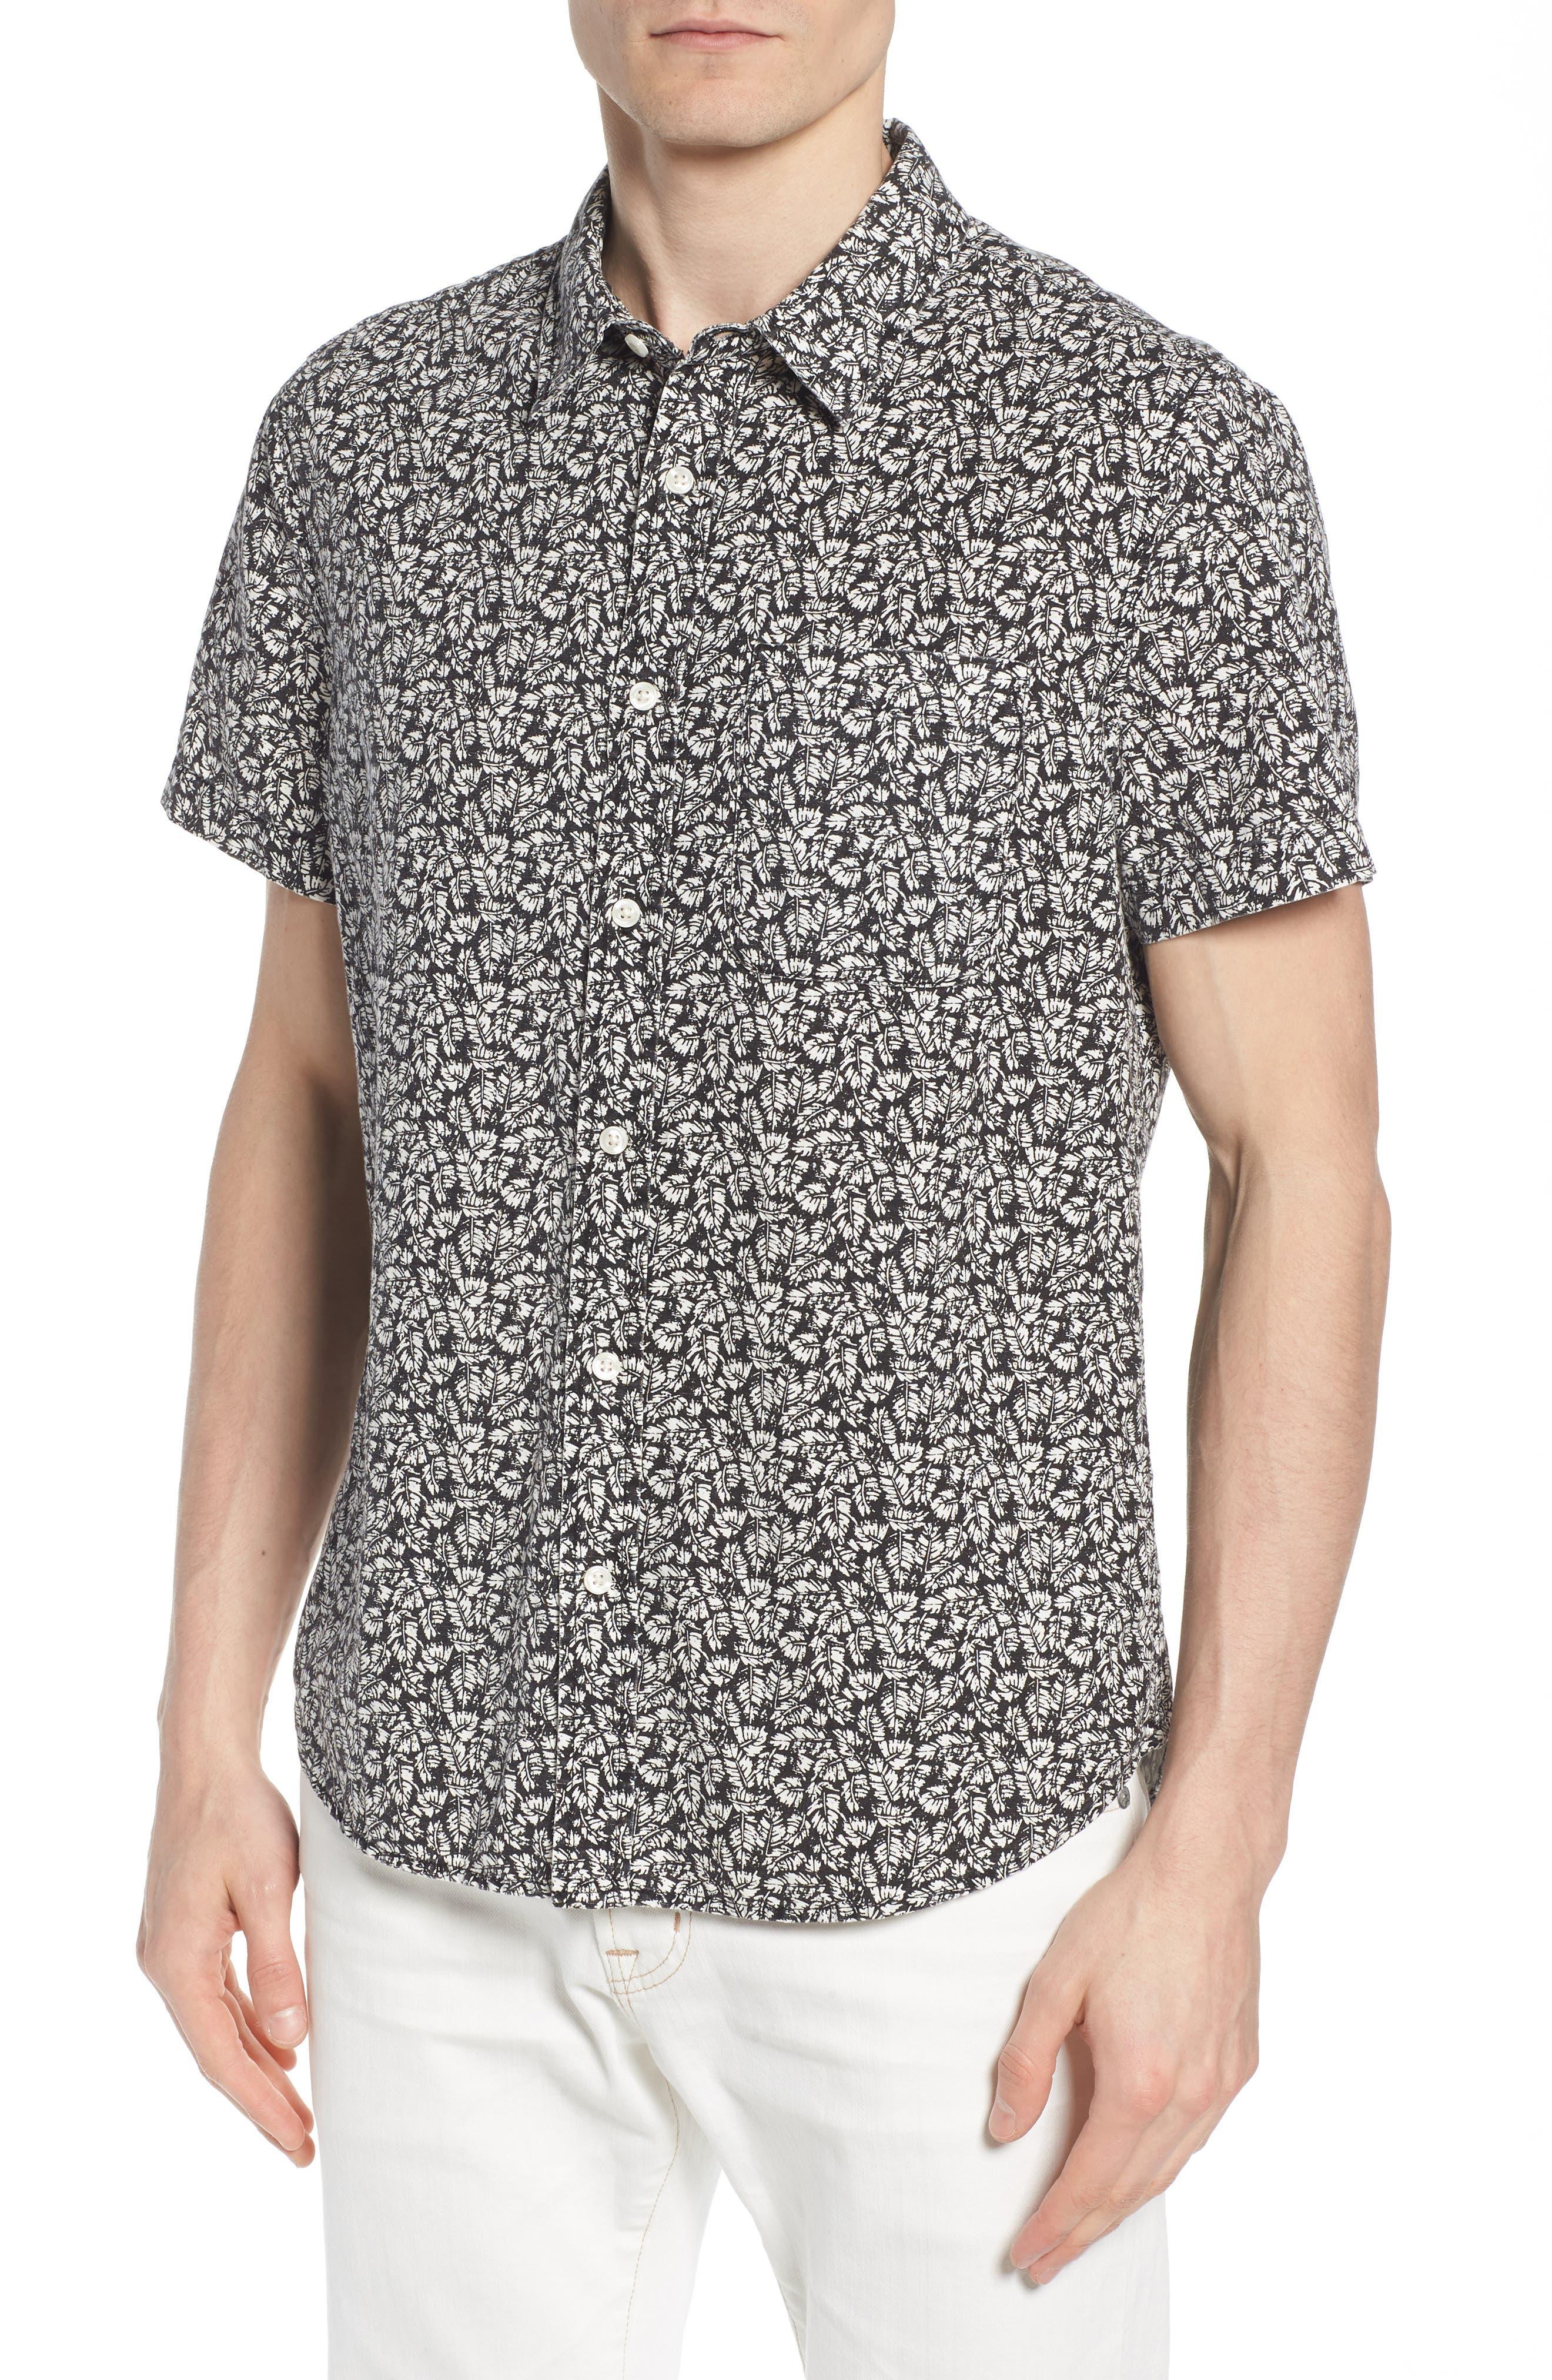 Nash Regular Fit Short Sleeve Sport Shirt,                         Main,                         color, Palm Leaf True Black/ White